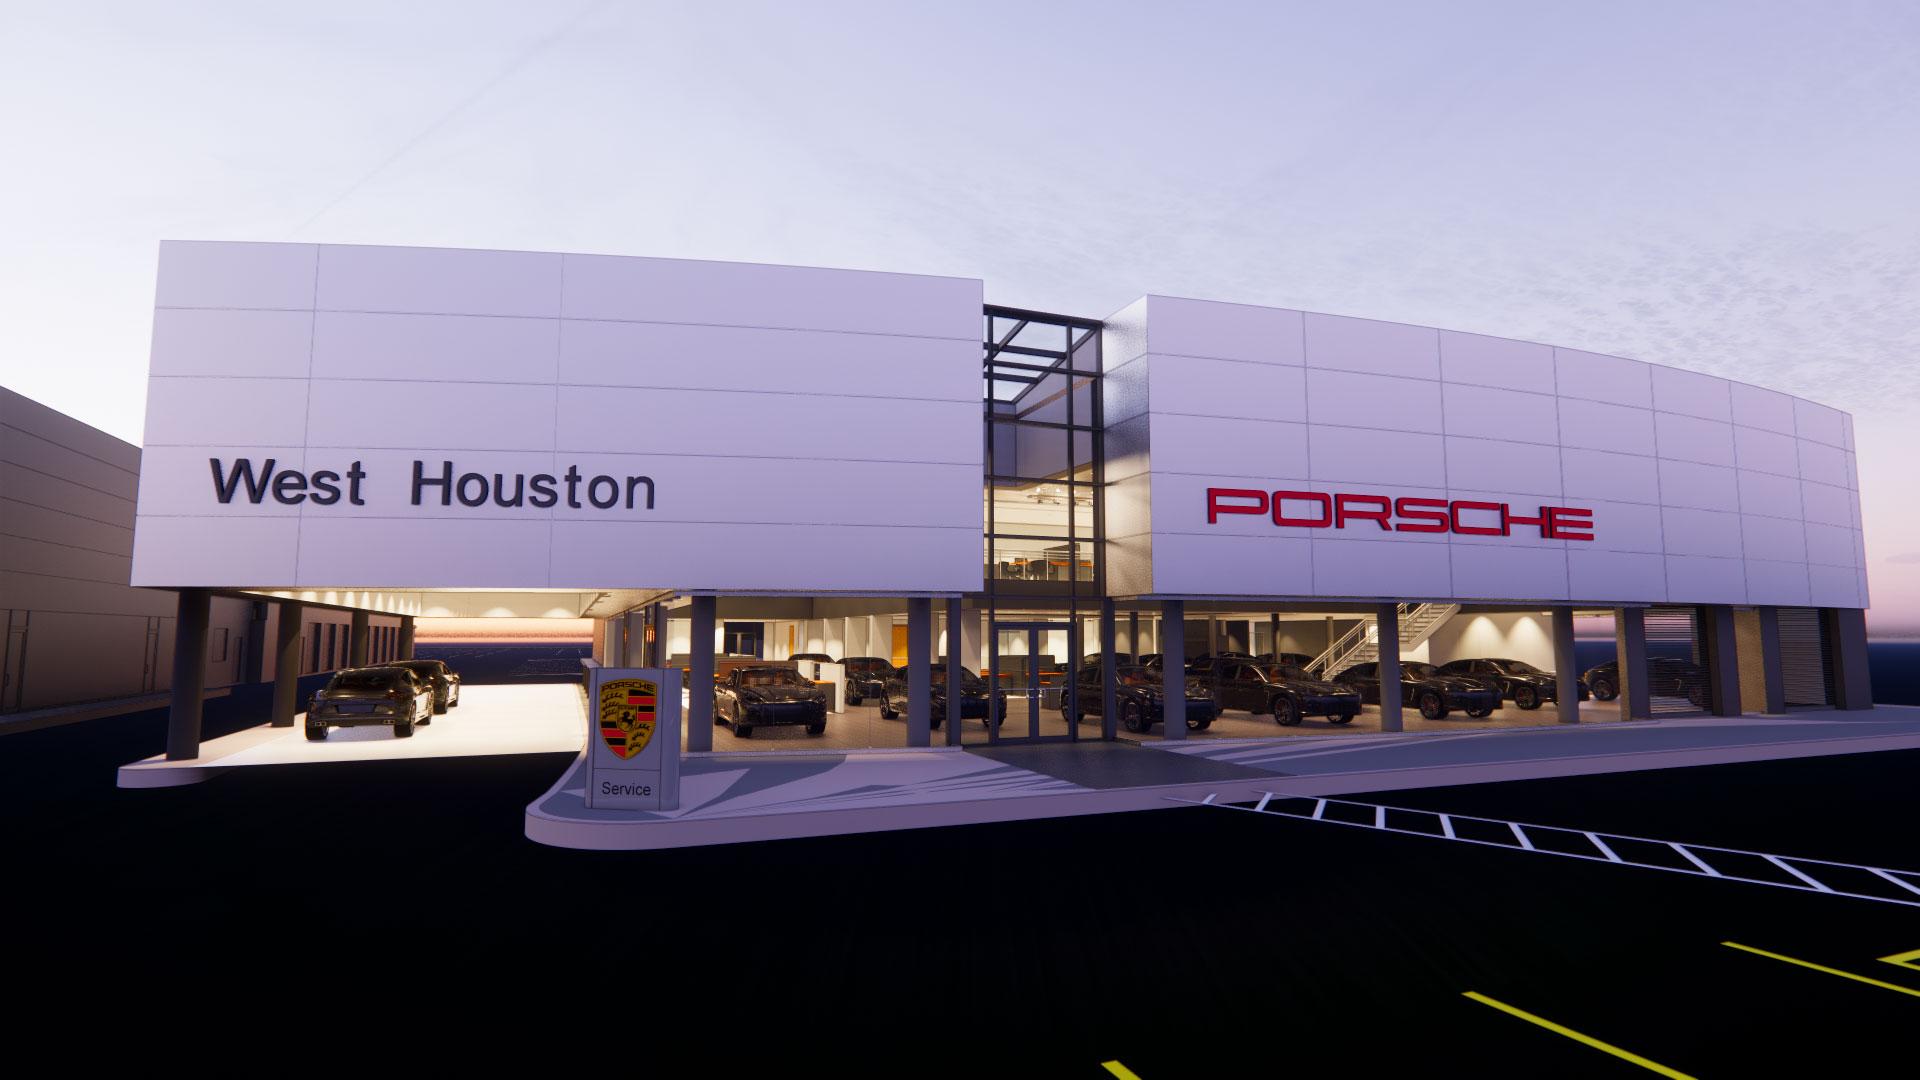 Porsche deadership underway